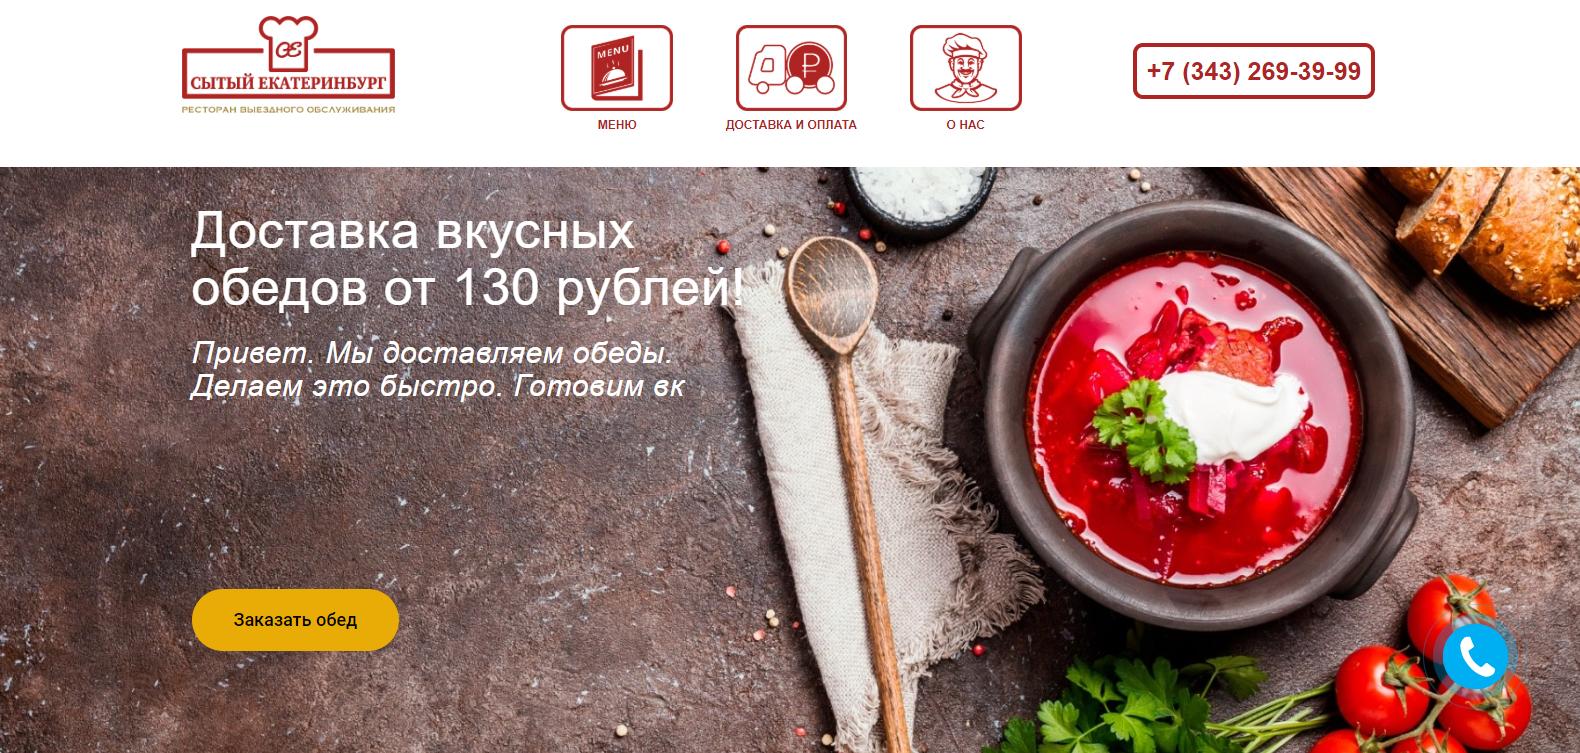 доставка обедов obed-ketural.ru